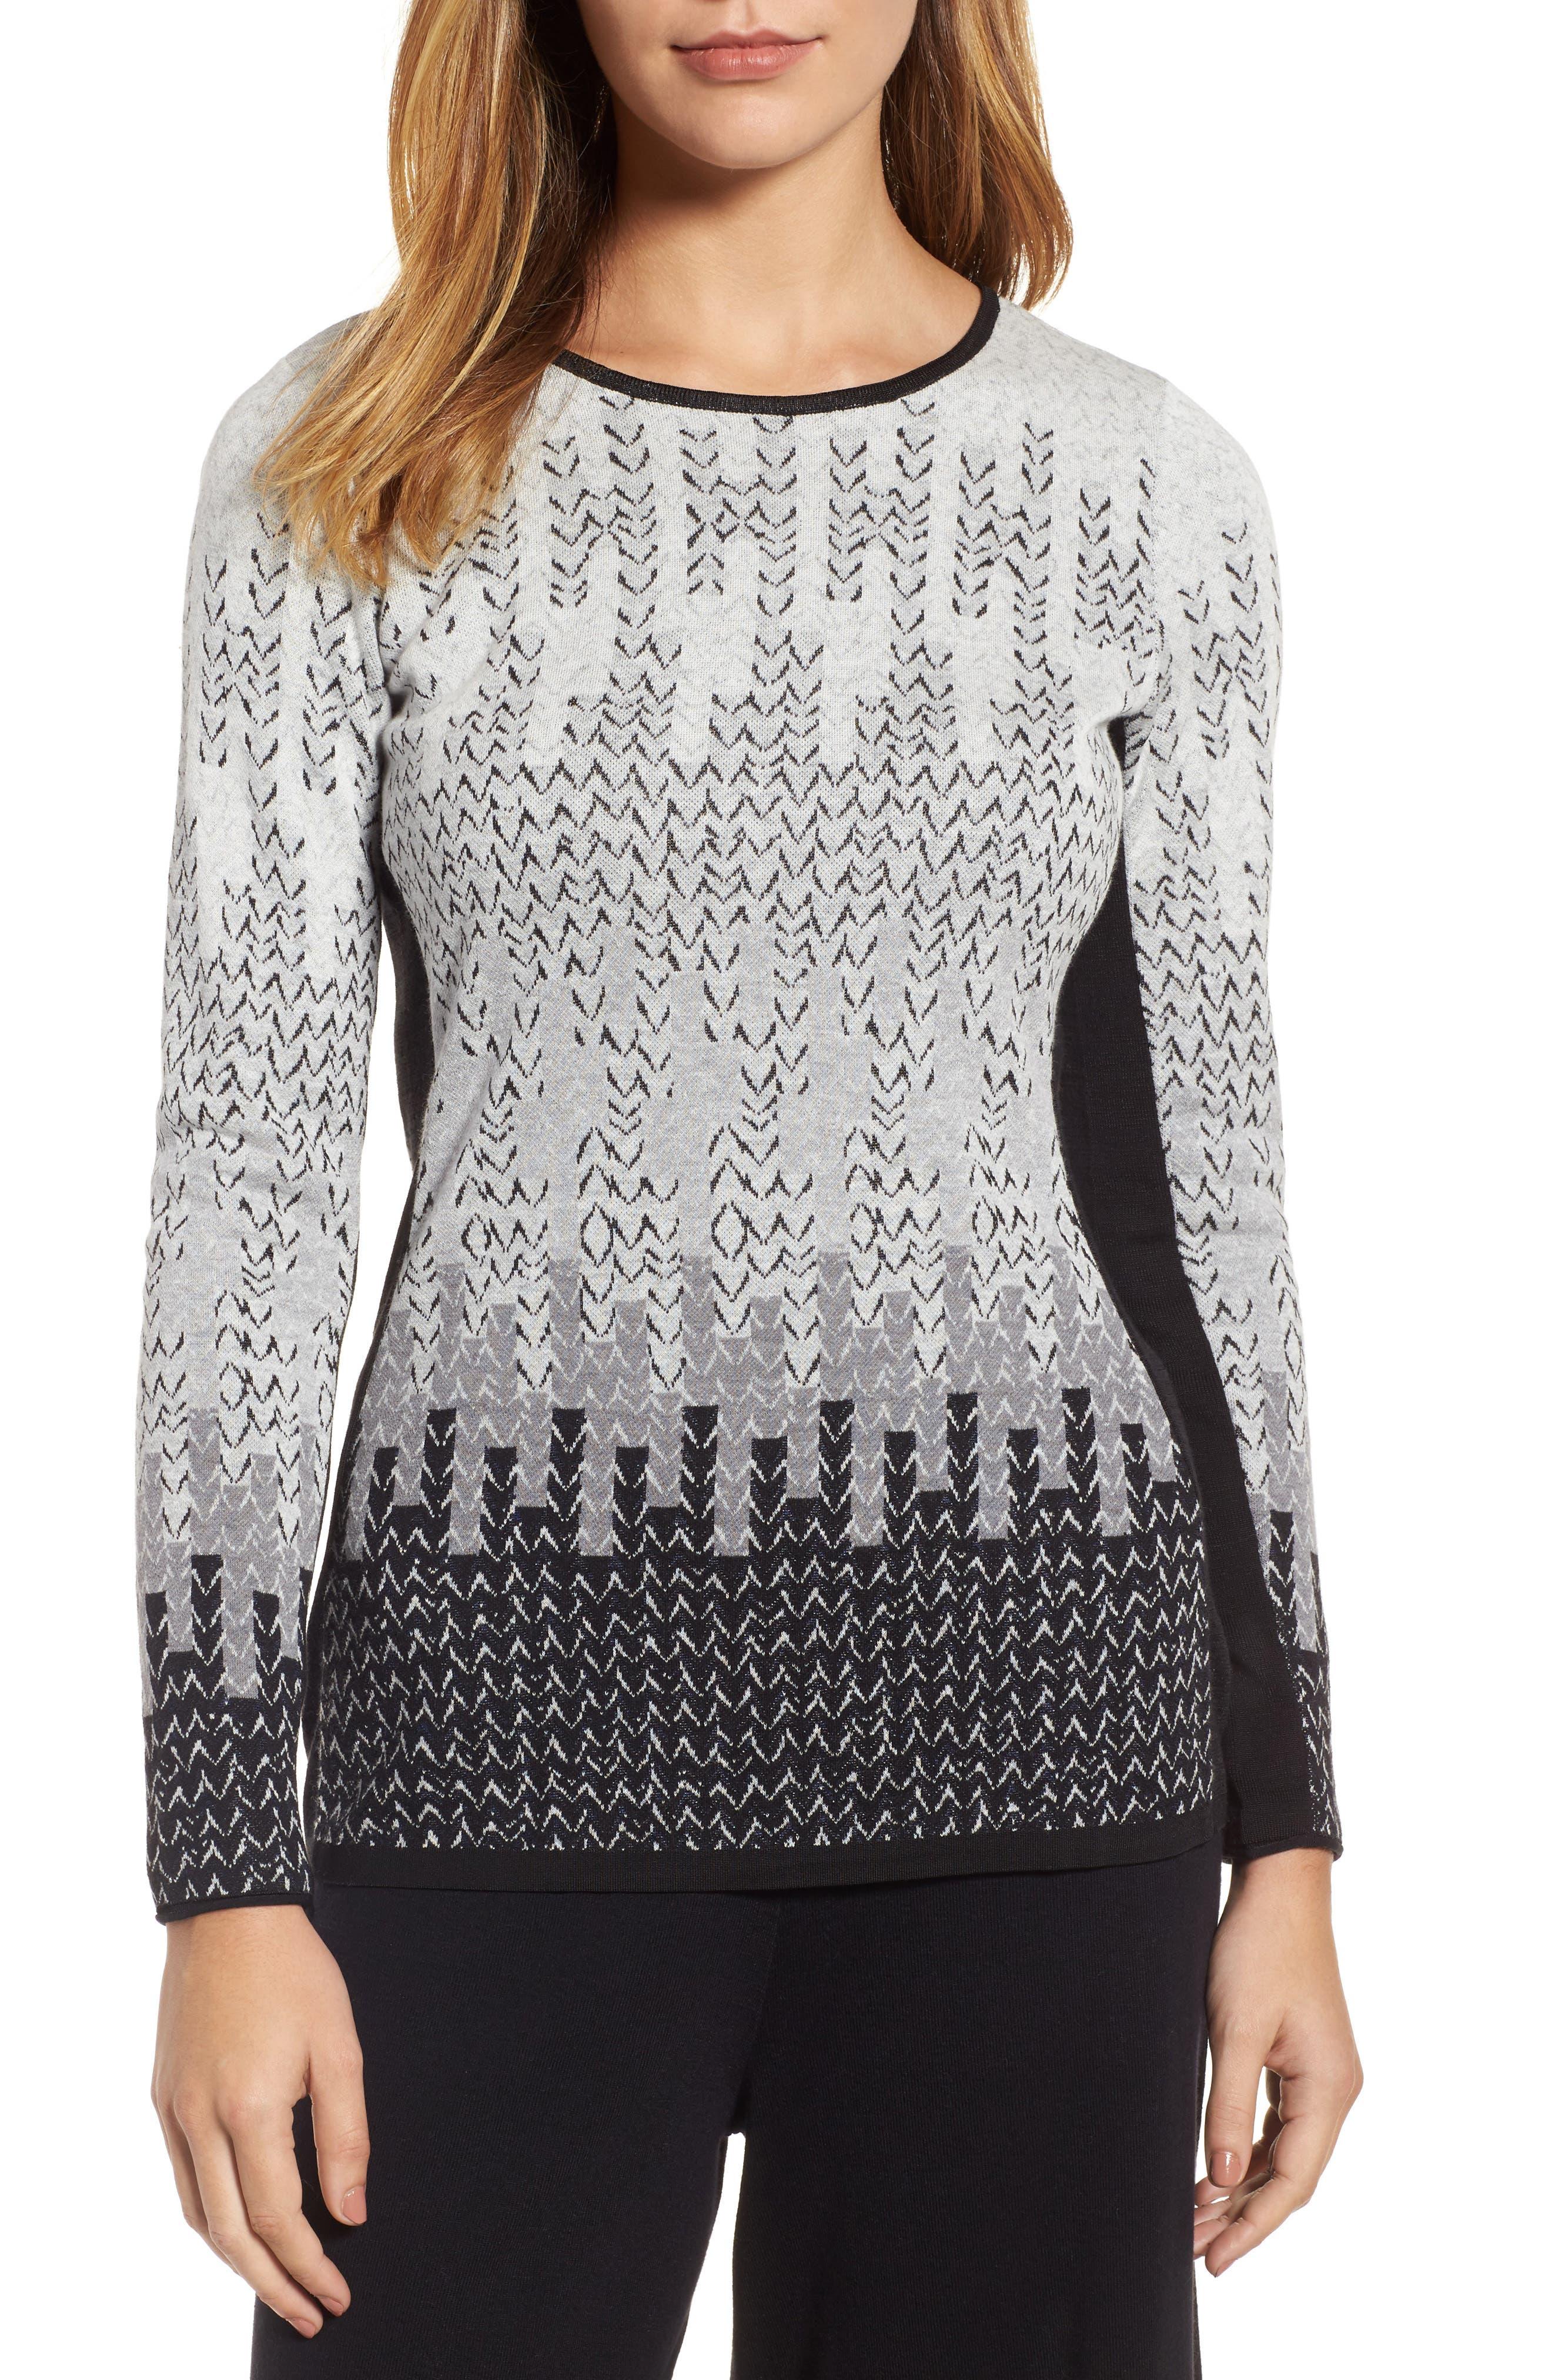 Main Image - NIC+ZOE Sunset Sweater (Regular & Petite)